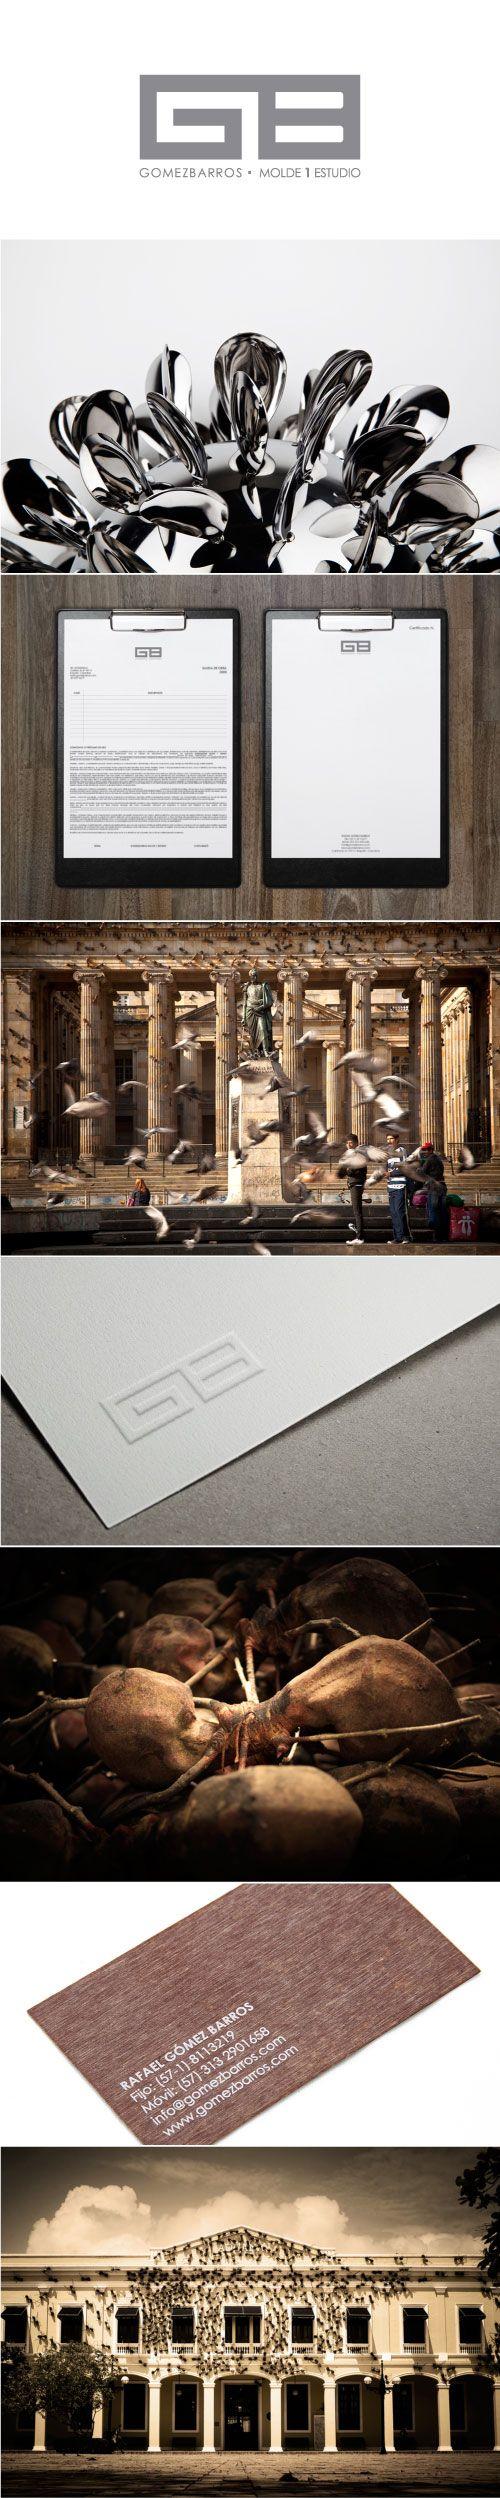 GomezBarros /  www.estudio201.com Molde 1 Estudio Diseño de identidad: logotipo, papelería, sellos, tarjetas de presentación. Dirección artística: Registro de obras de arte, composición de piezas gráficas.